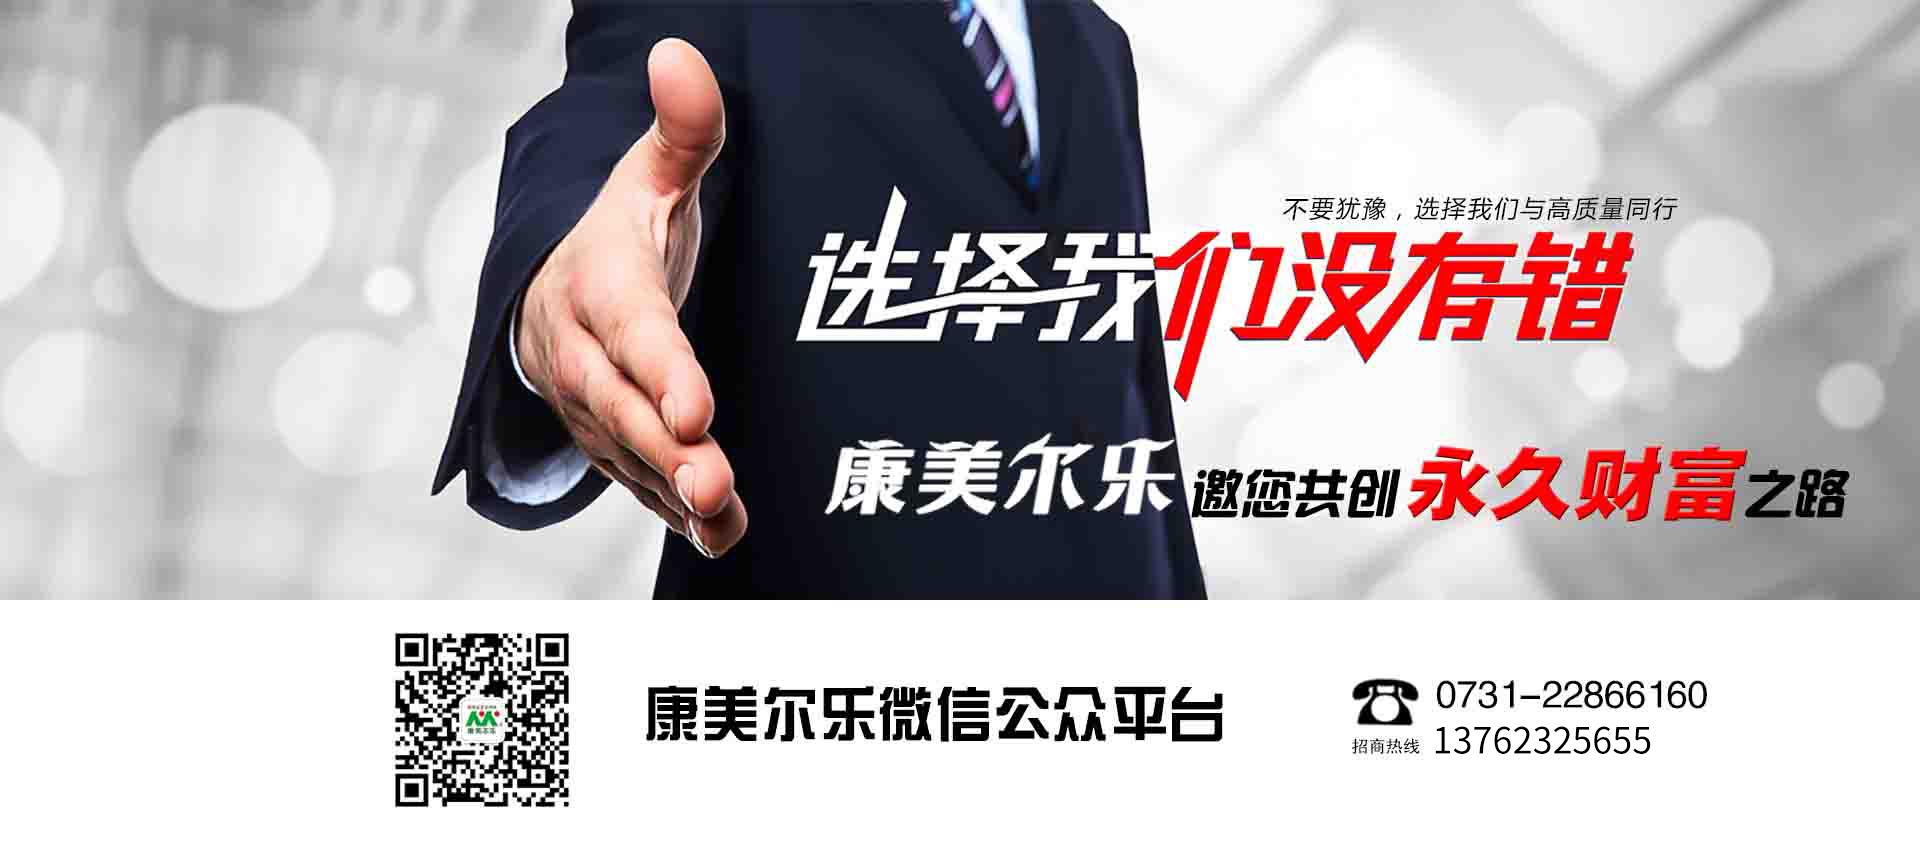 康美尔乐 灰指甲加盟 灰指甲招商 康美尔乐官方网站